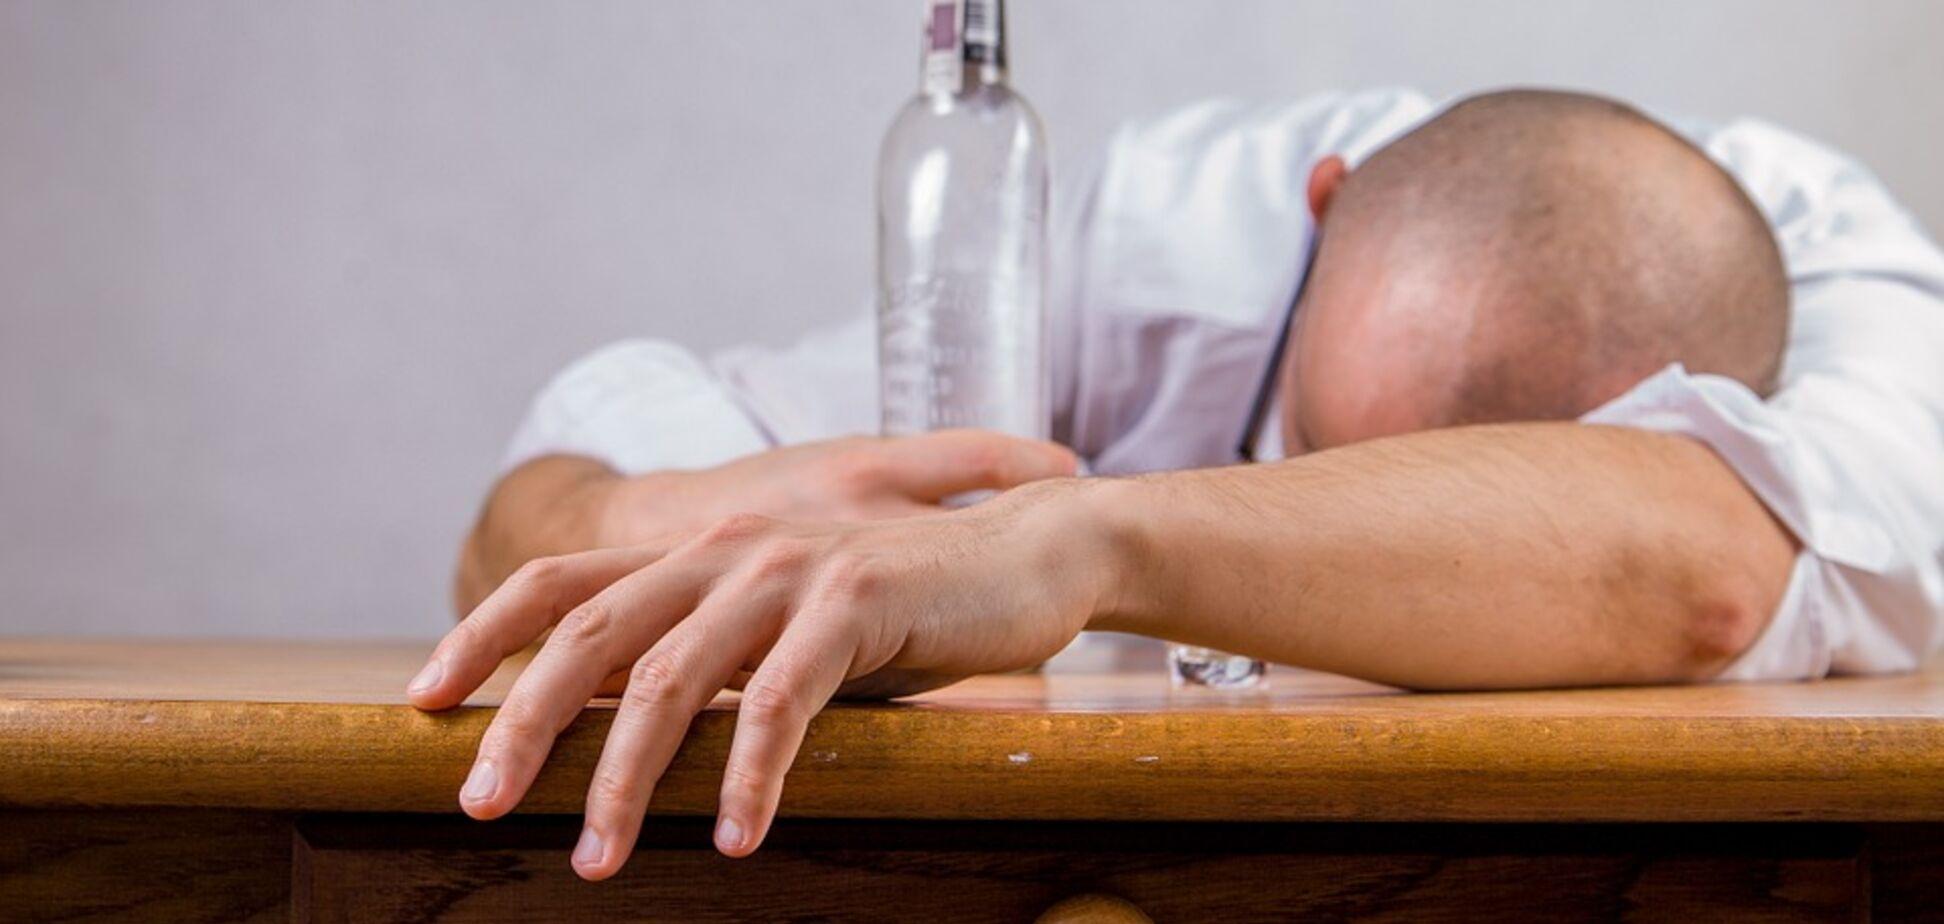 В Борисполе произошло массовое отравление алкоголем: есть жертвы